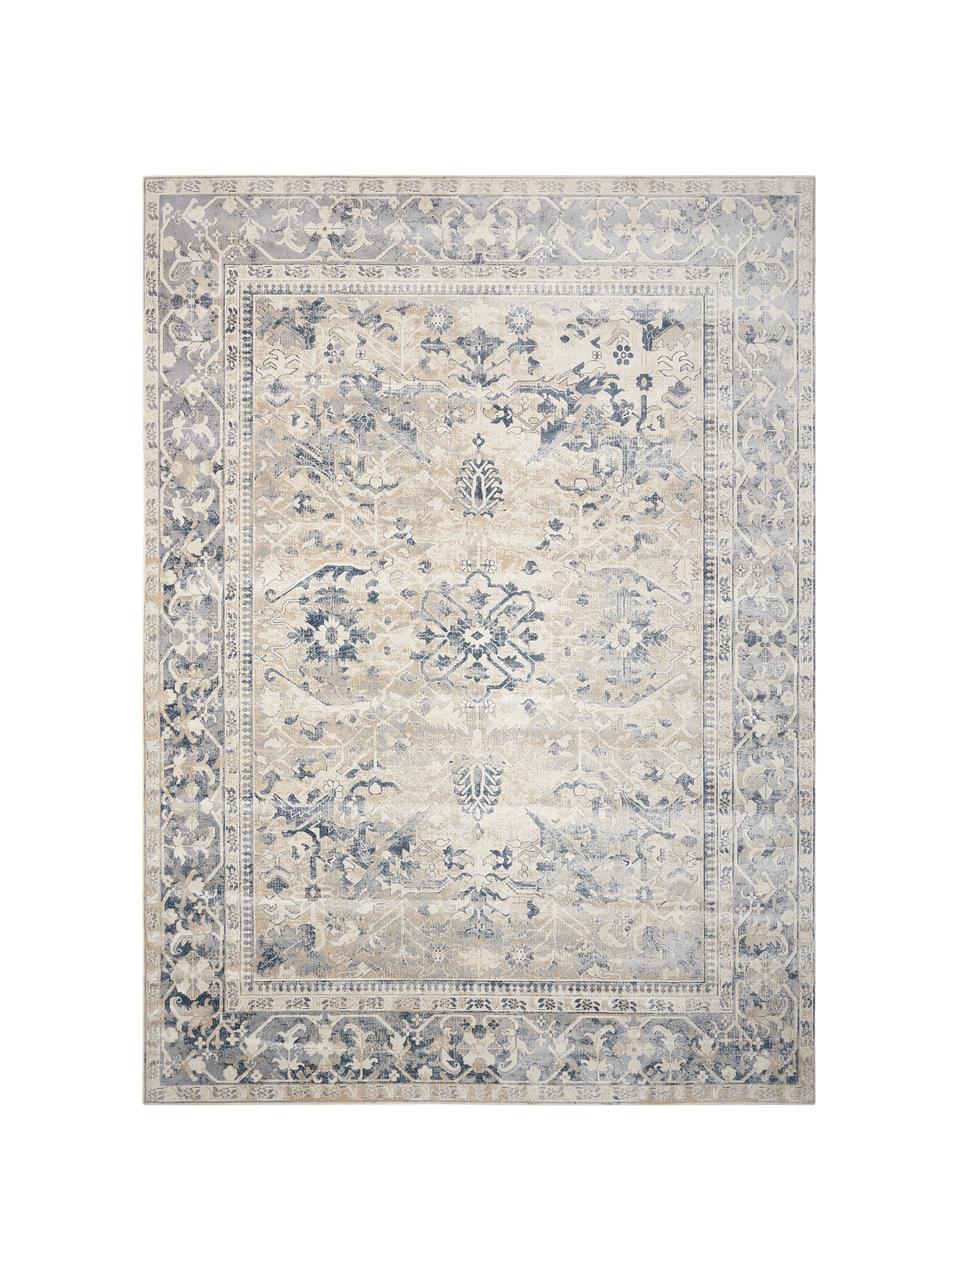 Vintage Teppich Malta in Blau-Beige, 90% Polypropylen, 10% Chenille, Elfenbeinfarben, Blautöne, B 160 x L 230 cm (Größe M)